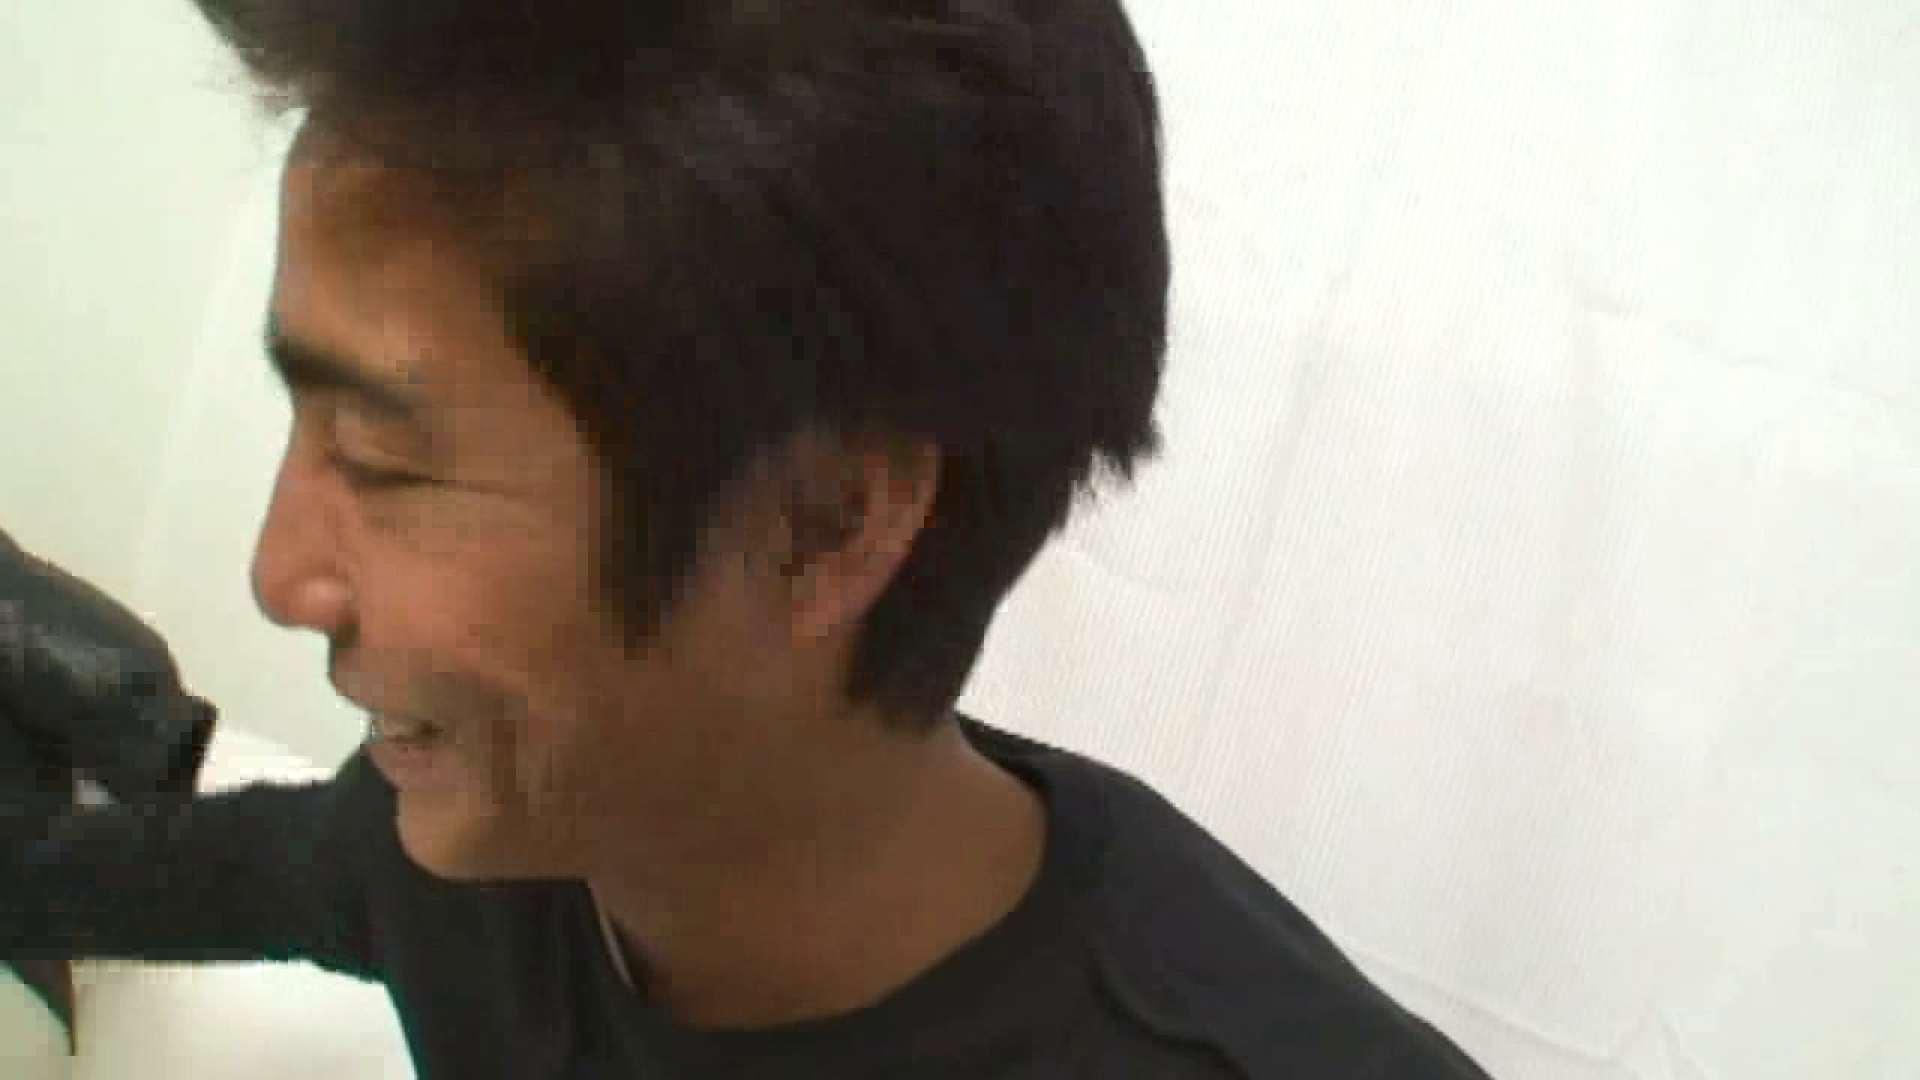 ノンケ!自慰スタジオ No.30 自慰特集 ゲイエロ画像 58枚 34